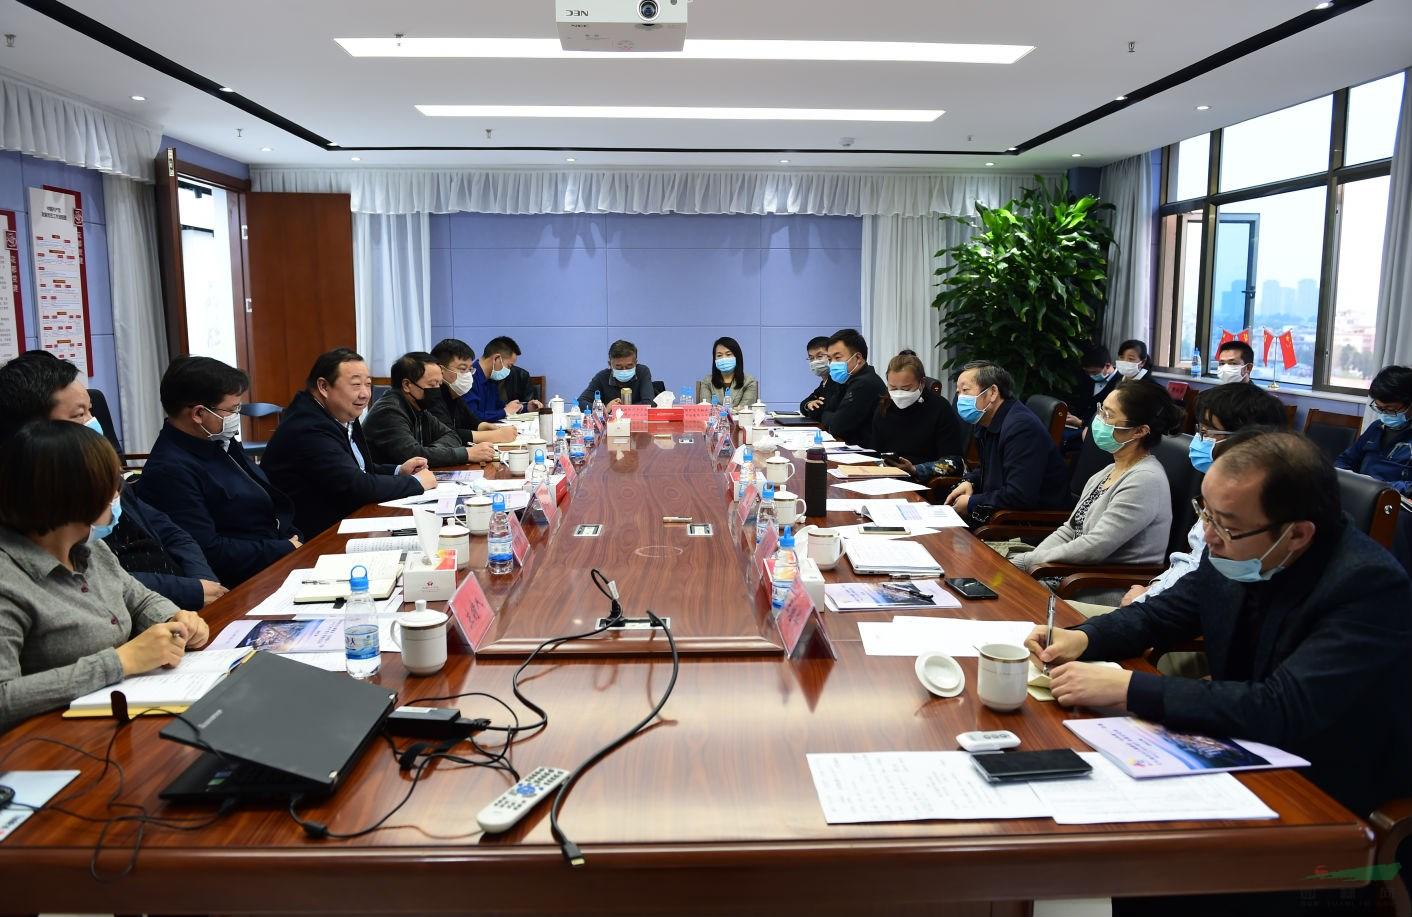 """斗南创建 """"世界第一""""花卉交易中心 2028年交易量160亿枝交易额350亿元"""